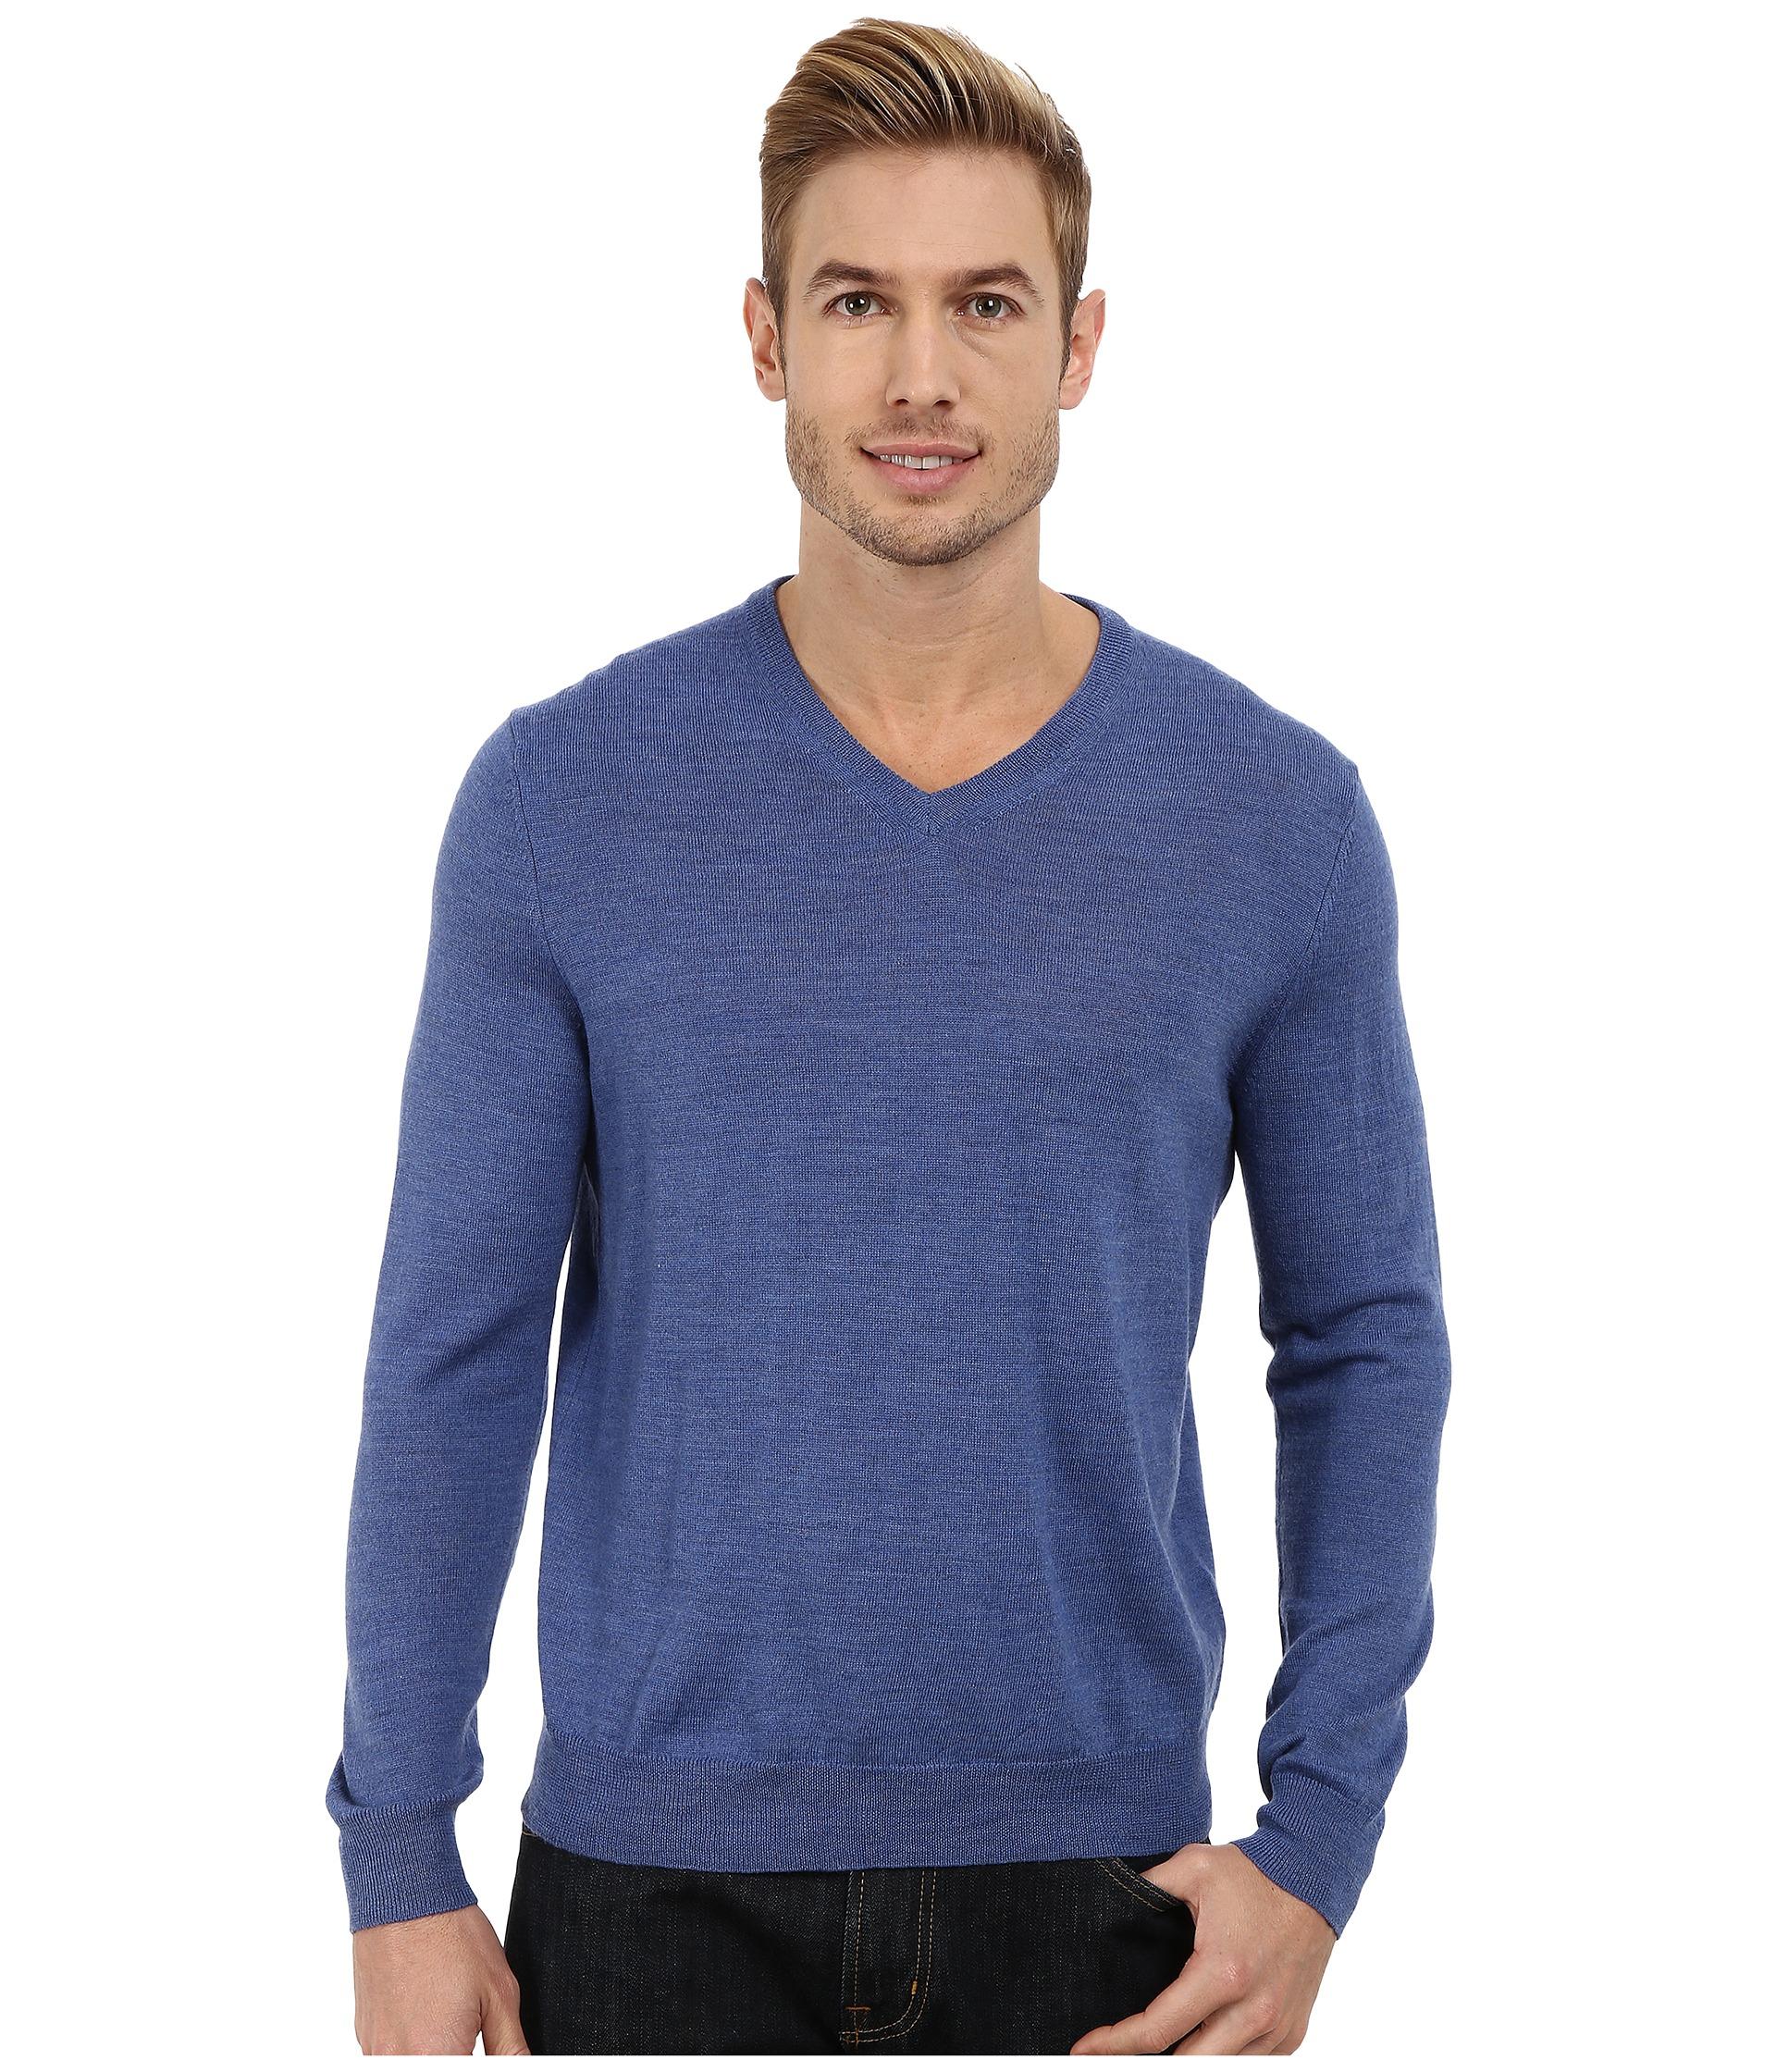 calvin klein solid merino v neck sweater in blue for men. Black Bedroom Furniture Sets. Home Design Ideas